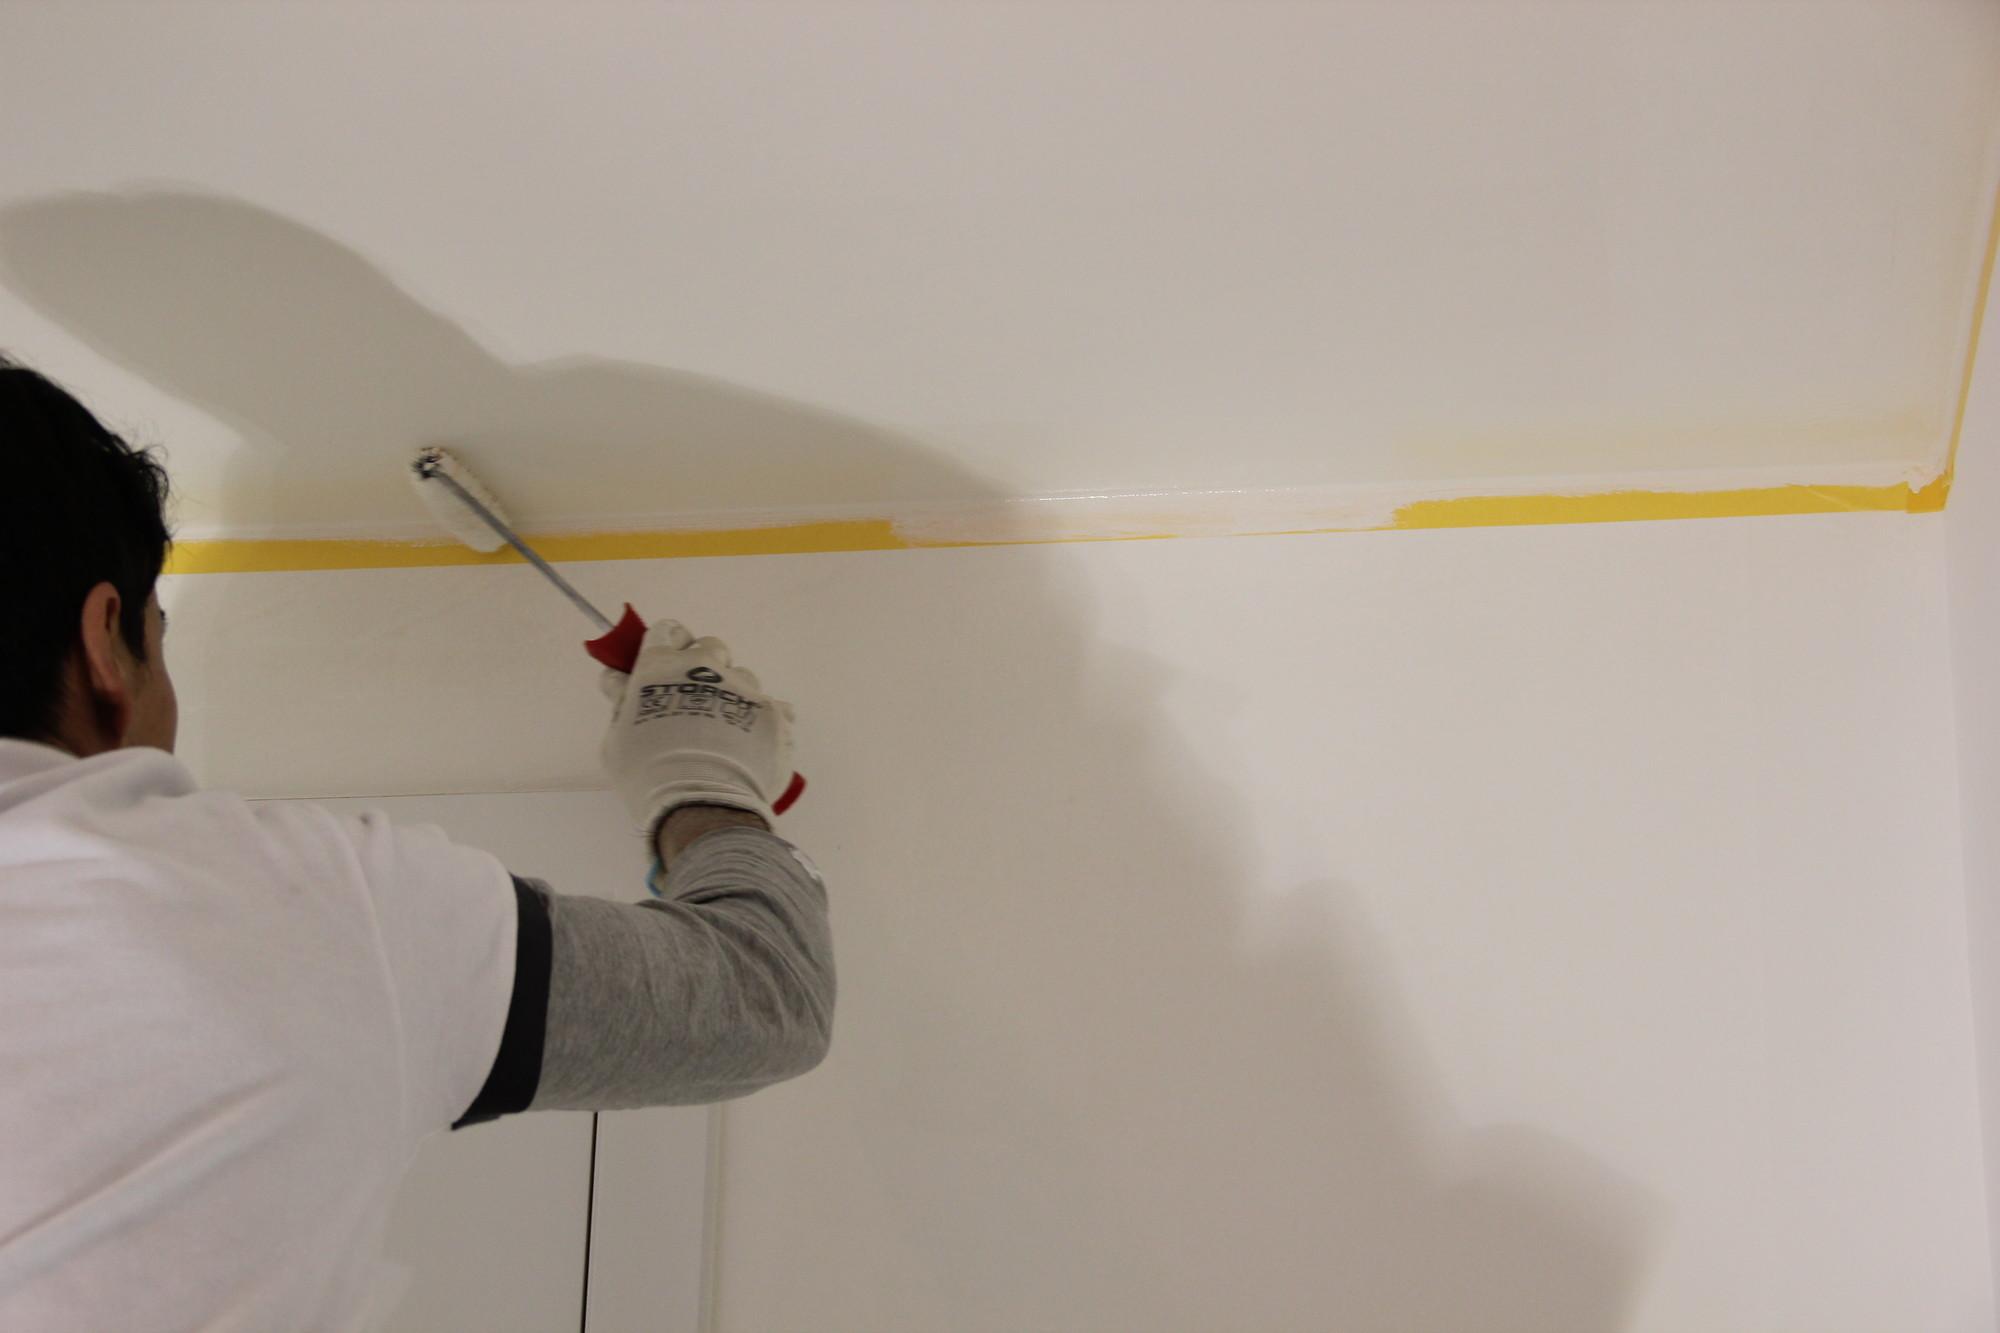 Blog hoe schilder je een plafond - Hoe te krijgen roze in verf ...